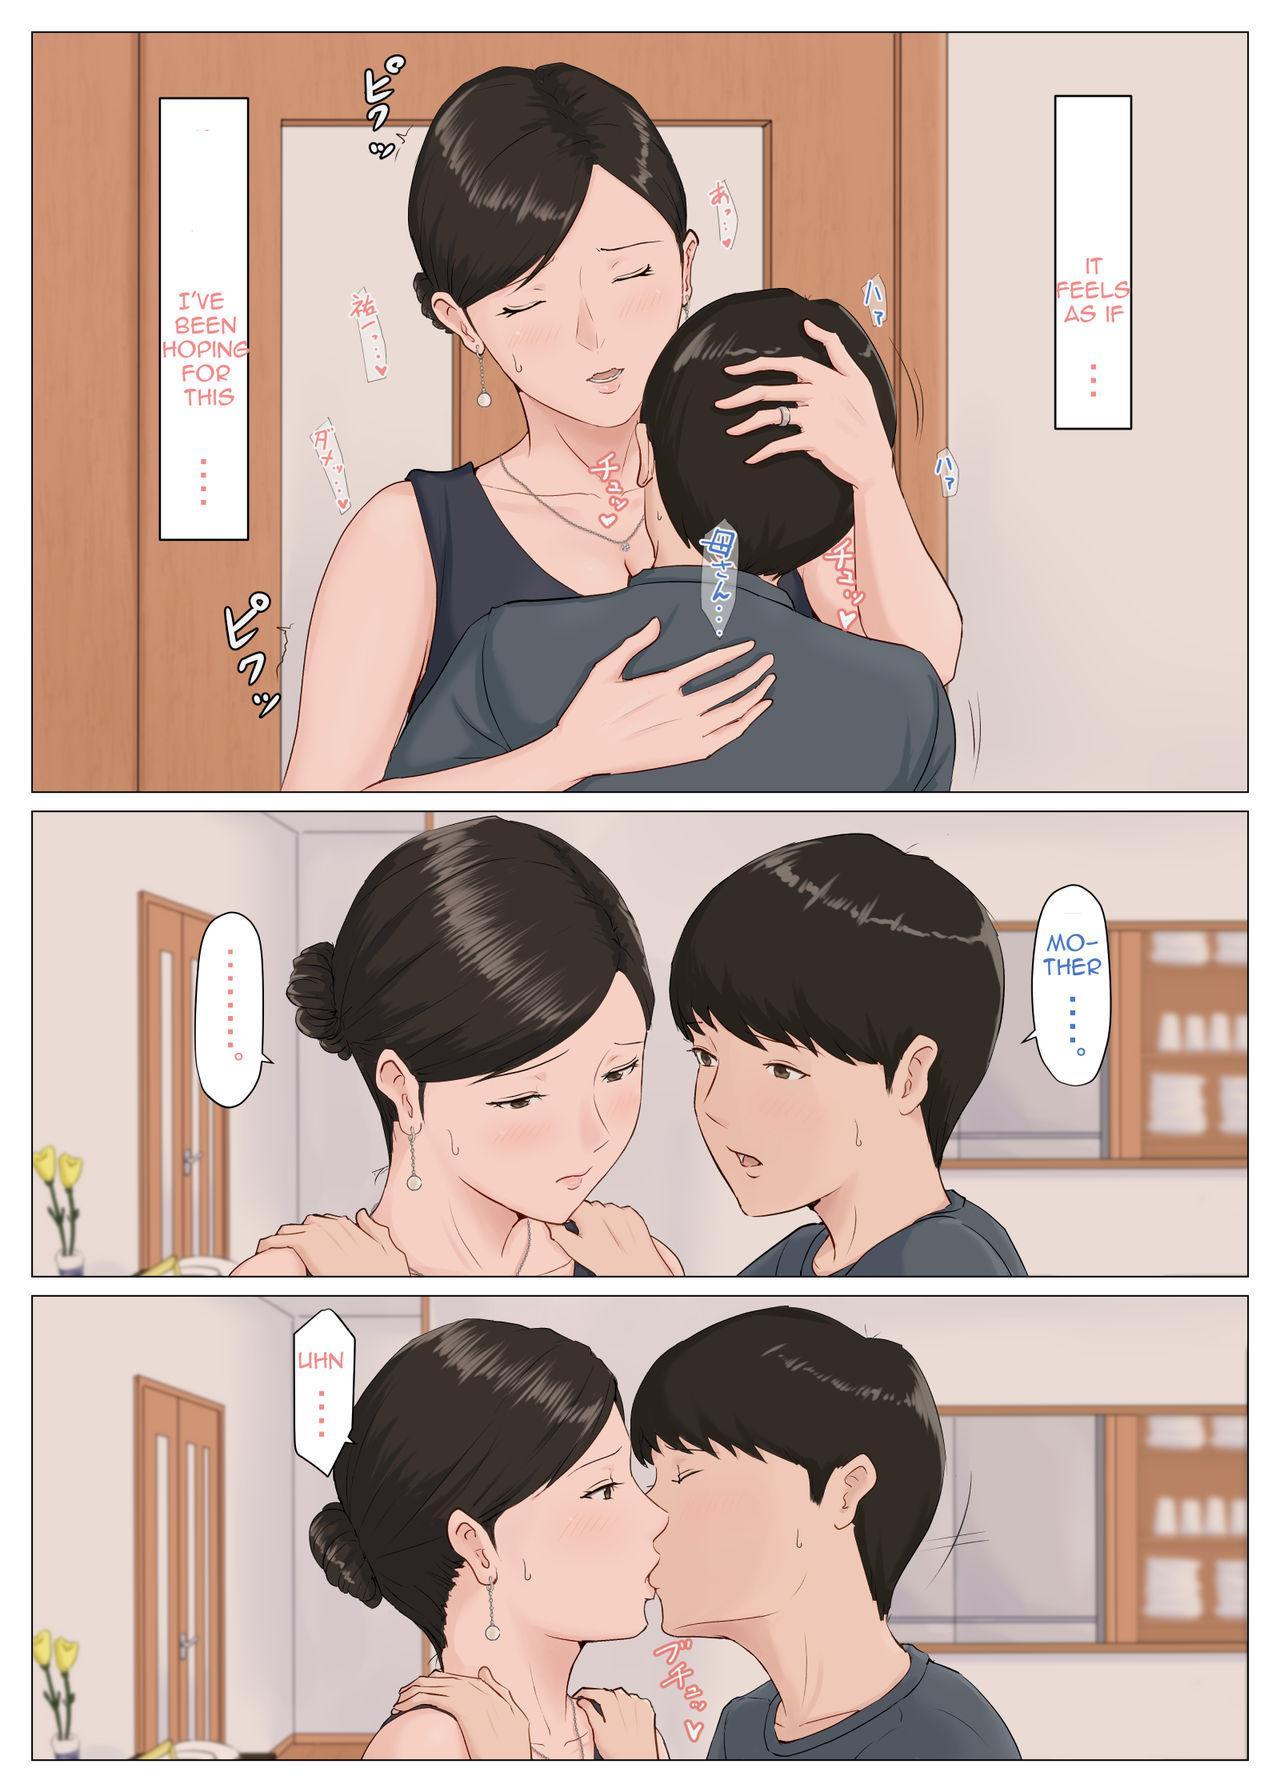 [Horsetail] Kaa-san Janakya Dame Nanda!! 5 ~Kanketsuhen Zenpen~| Mother, It Has to Be You ~Conclusion Part 1~[English][Amoskandy] 117